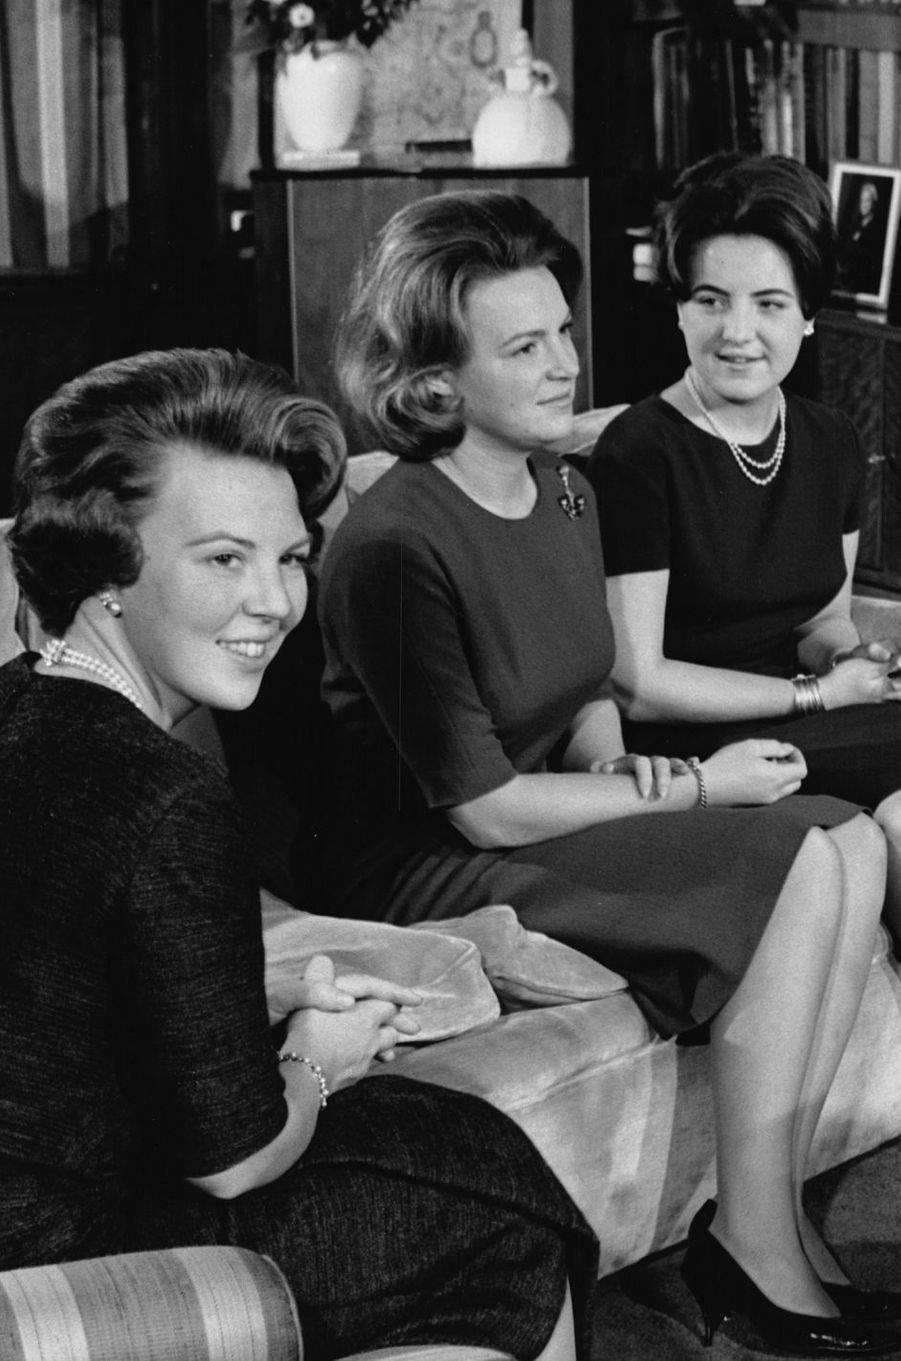 La princesse Margriet des Pays-Bas (à droite) avec les princesses Beatrix et Irene, photo non datée